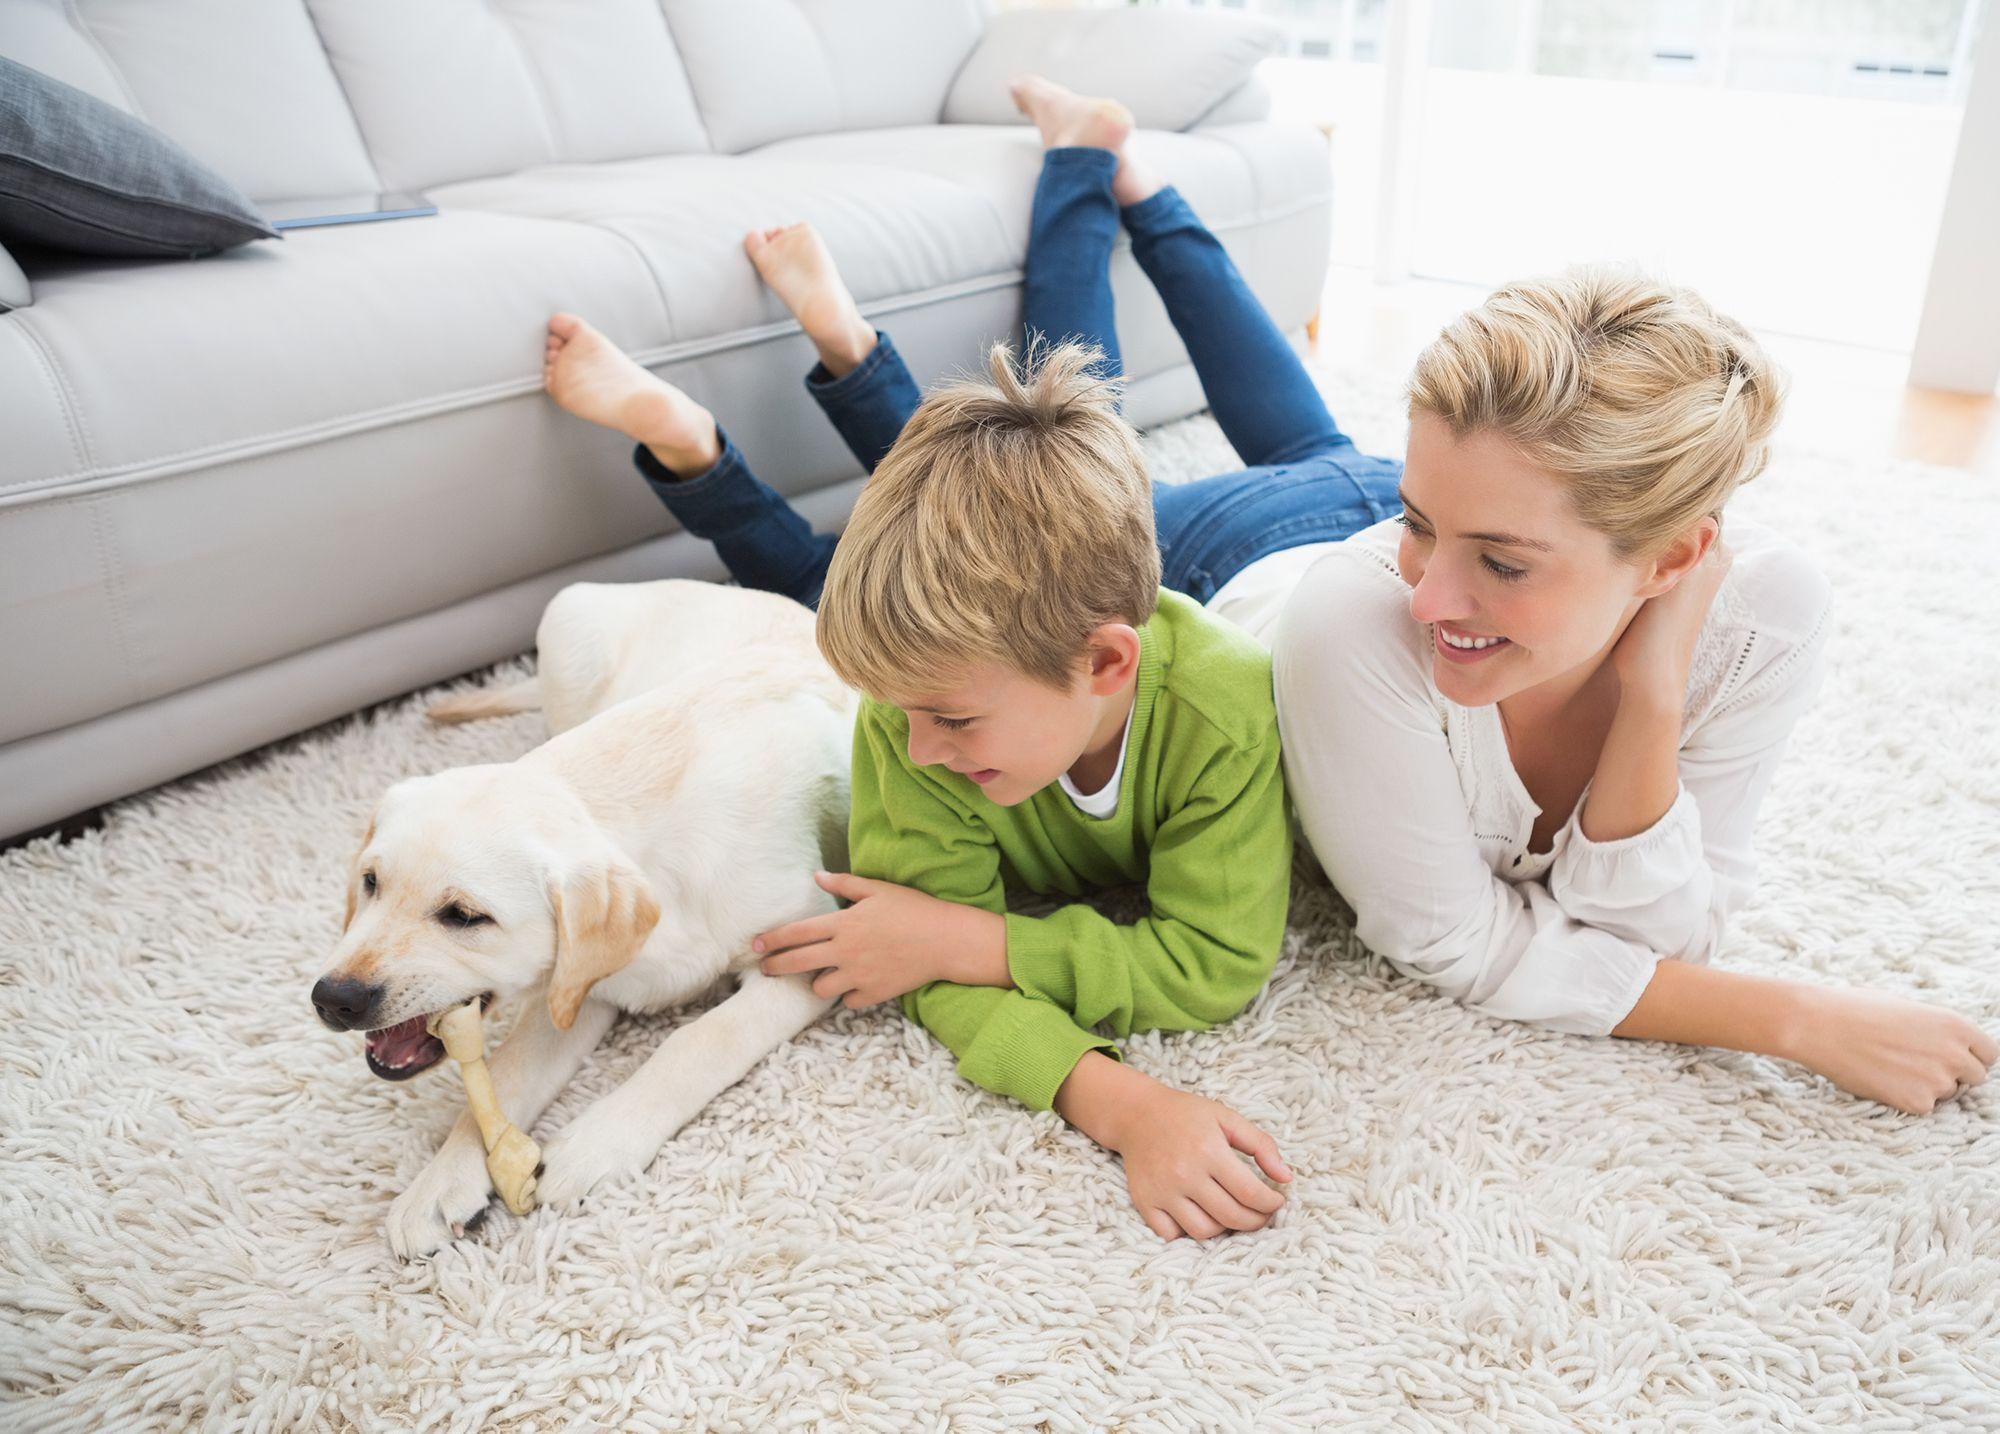 preparar llegada perro - niños